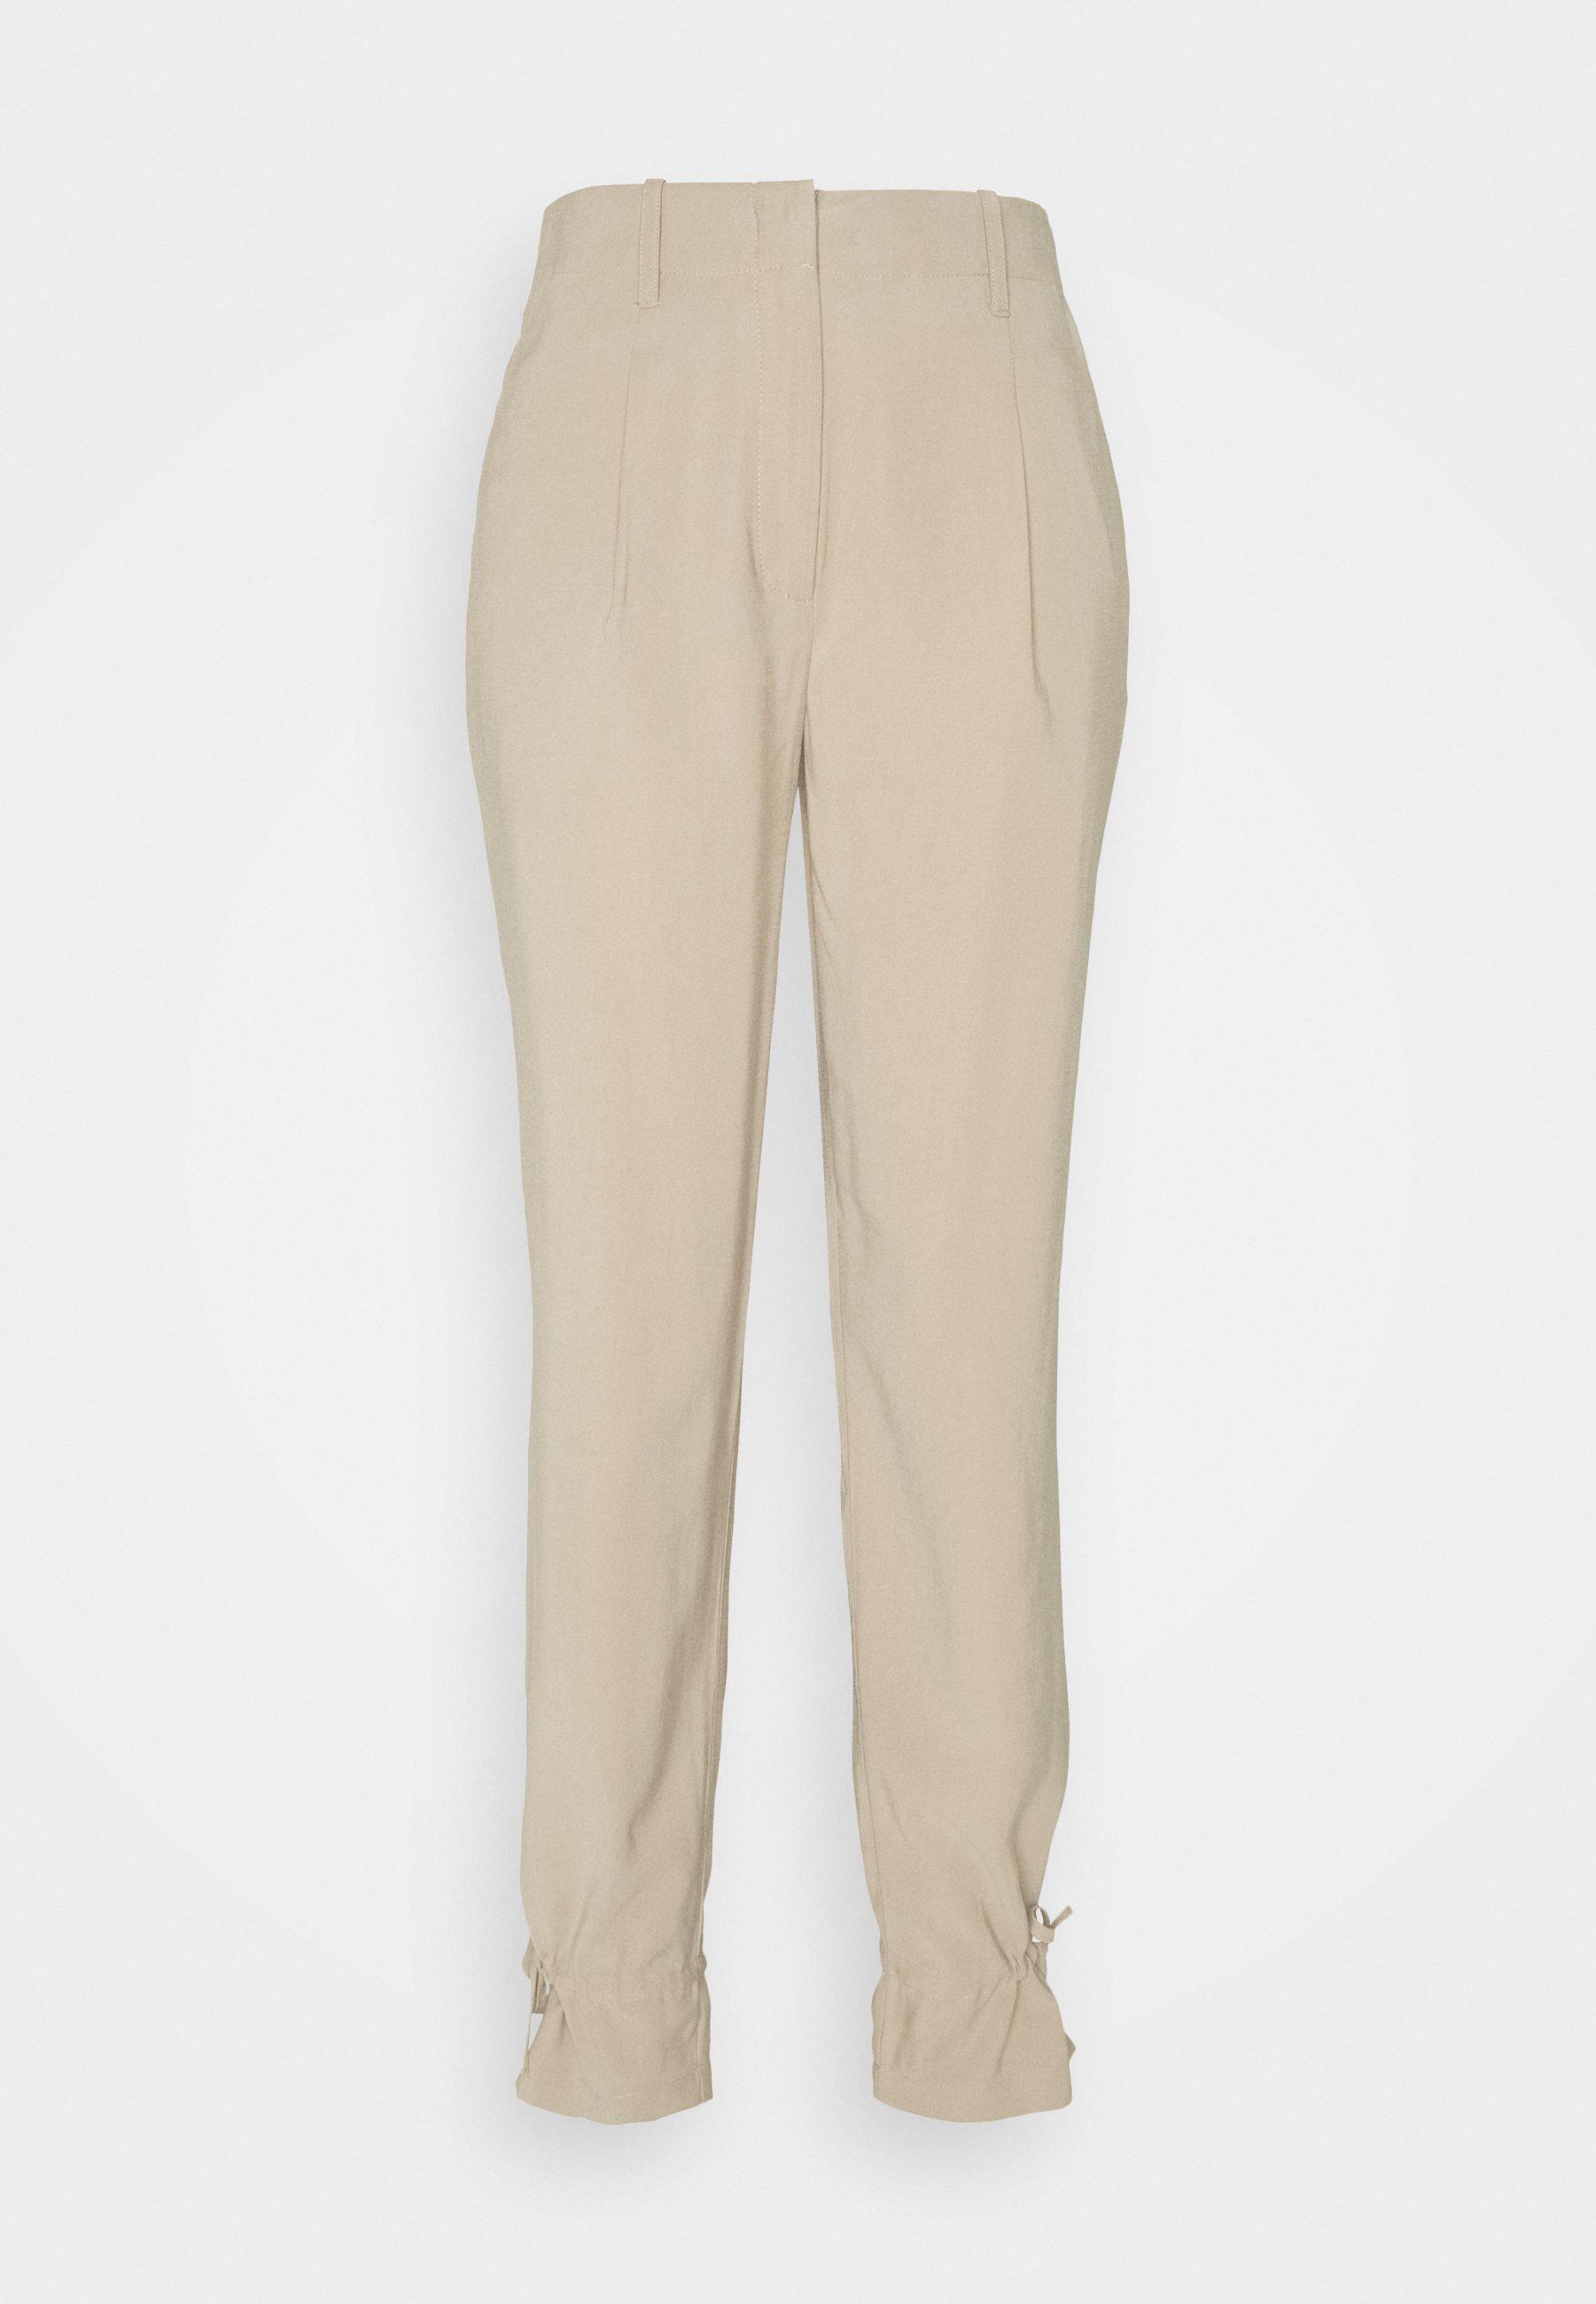 Femme LUCILLE MAVIS PANT - Pantalon classique